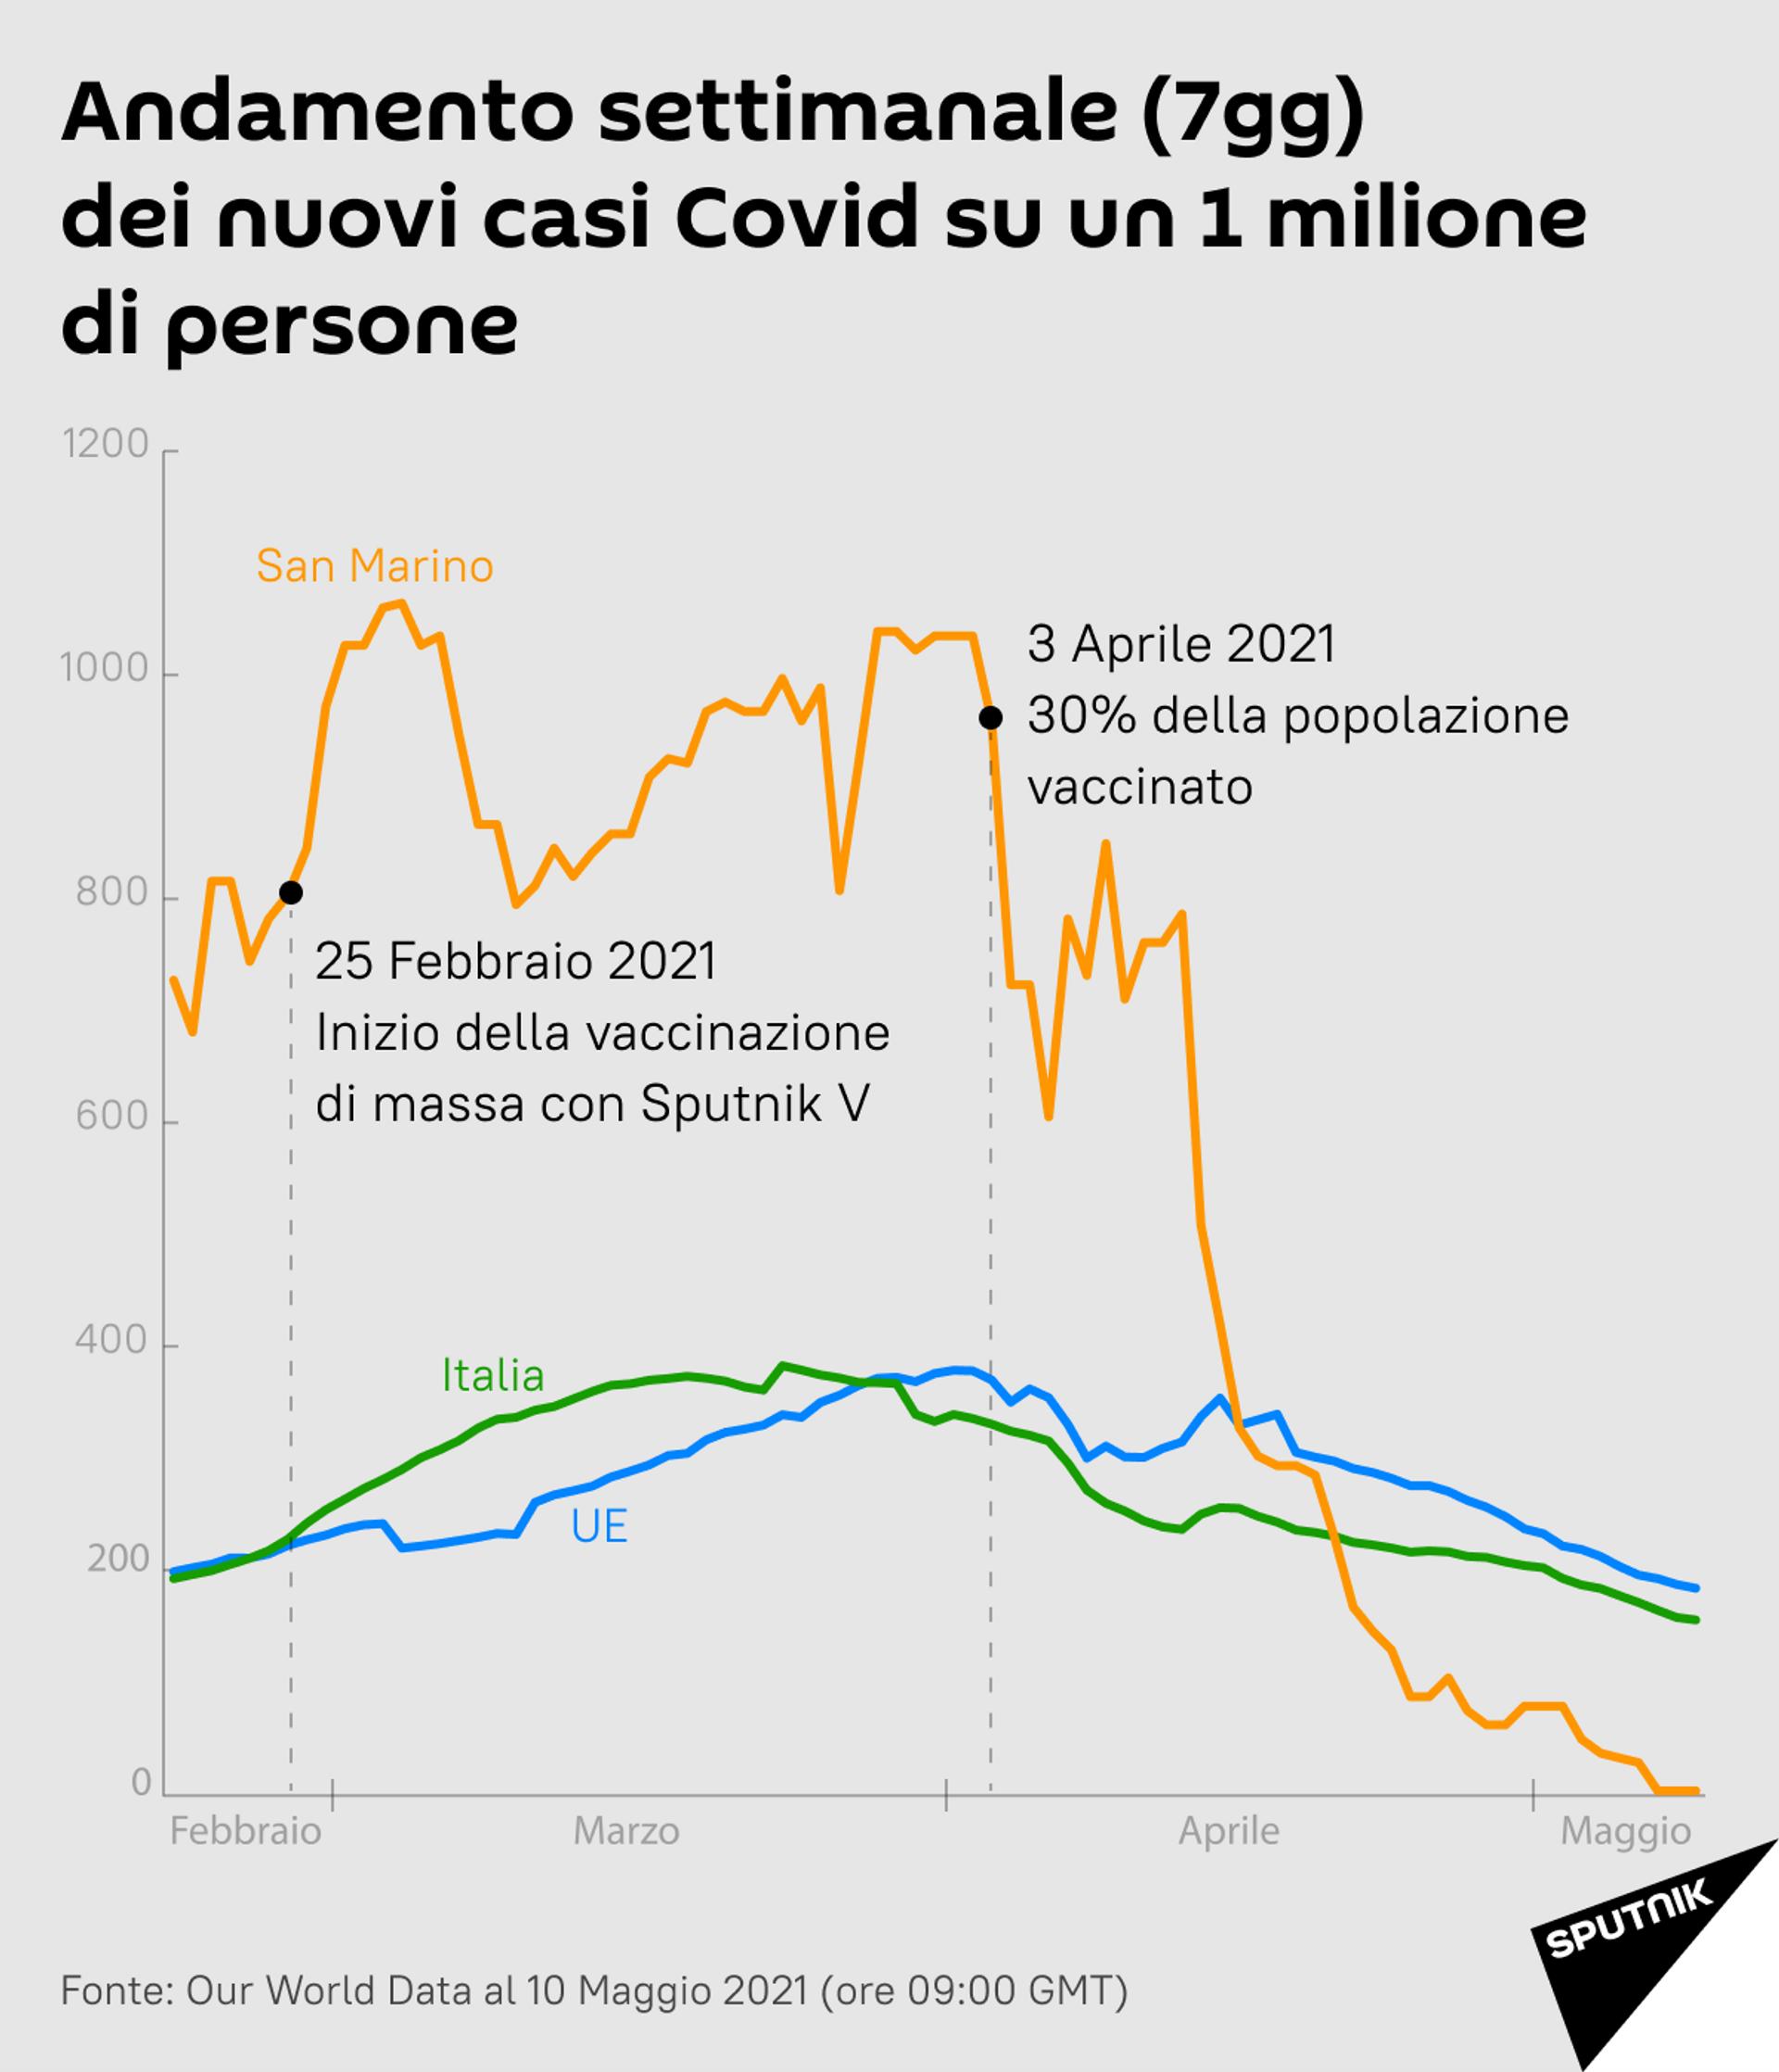 Andamento settimanale dei nuovi casi Covid: San Marino/Italia - Sputnik Italia, 1920, 18.05.2021